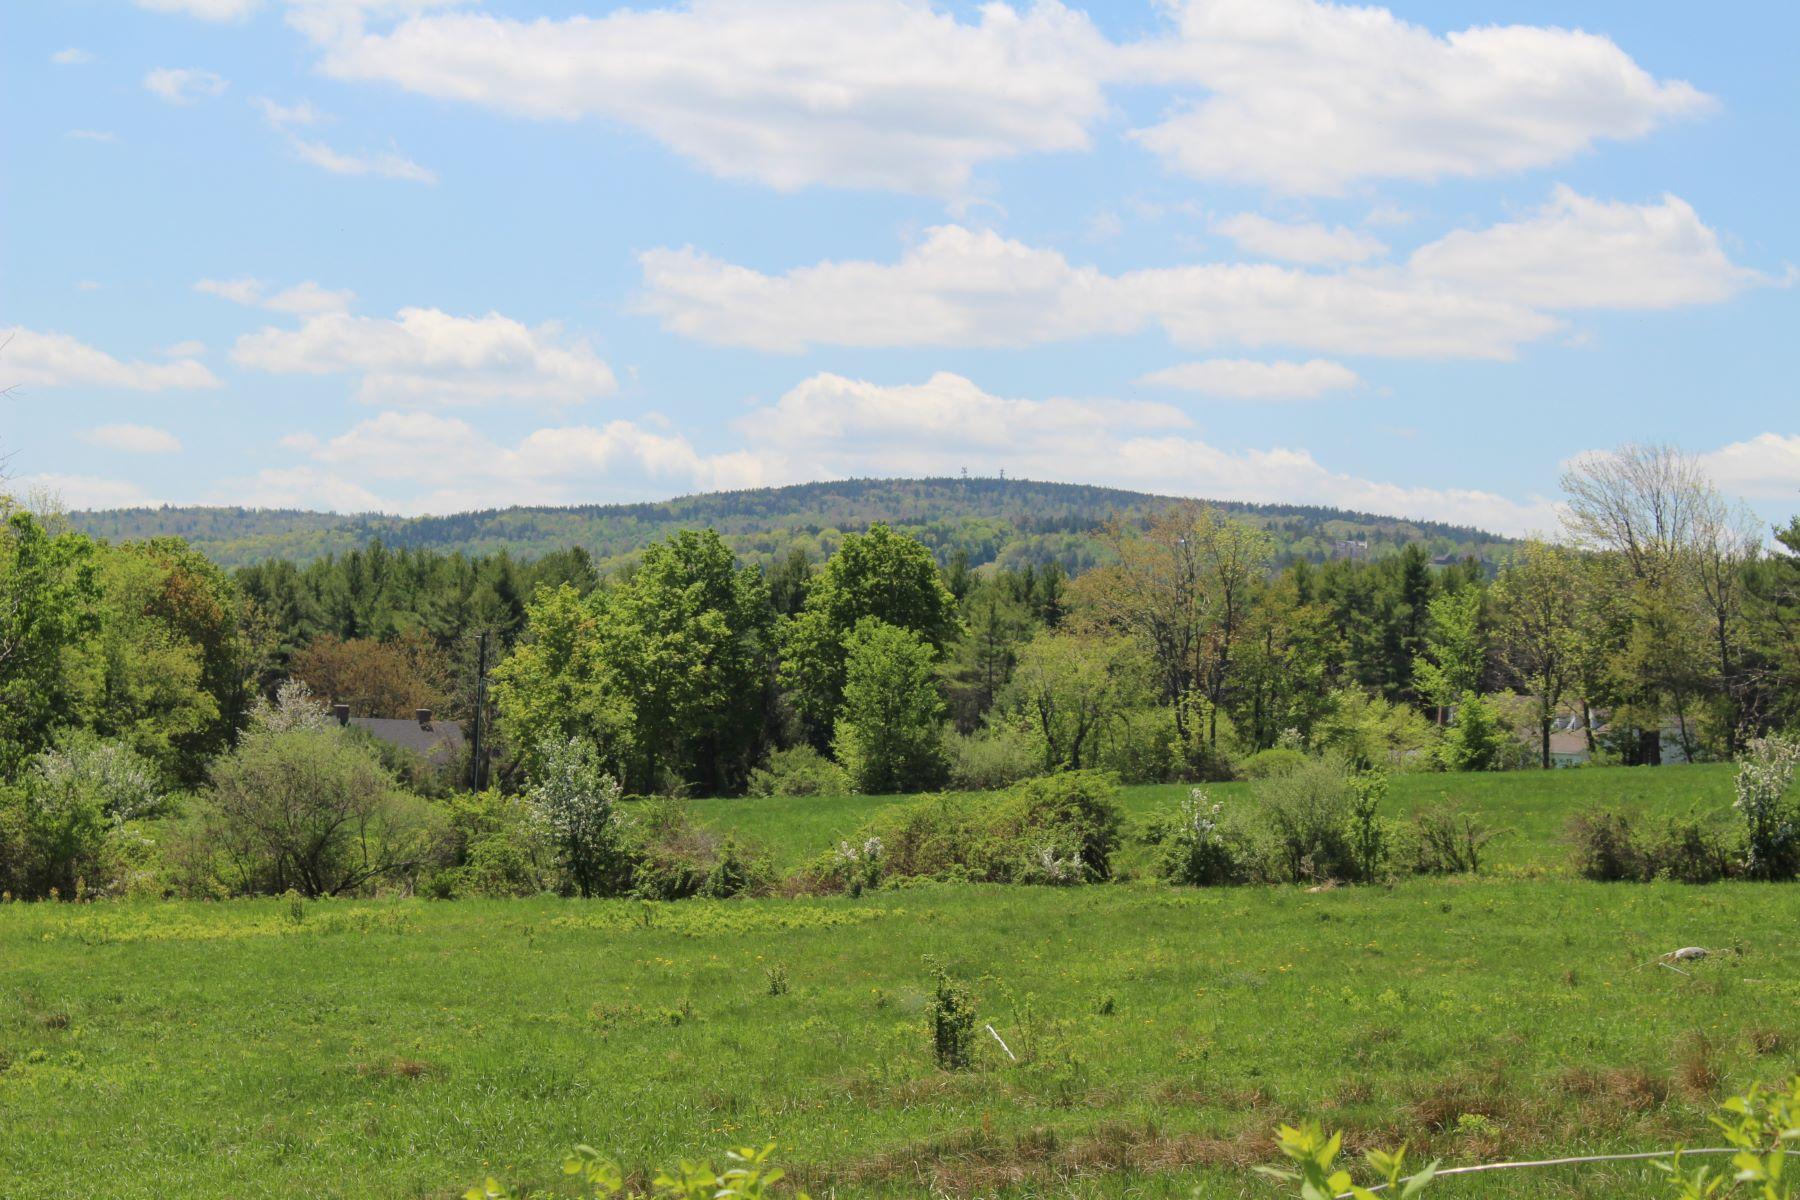 Земля для того Продажа на Rowell Hill Road, New London Rowell Hill Rd New London, Нью-Гэмпшир, 03257 Соединенные Штаты